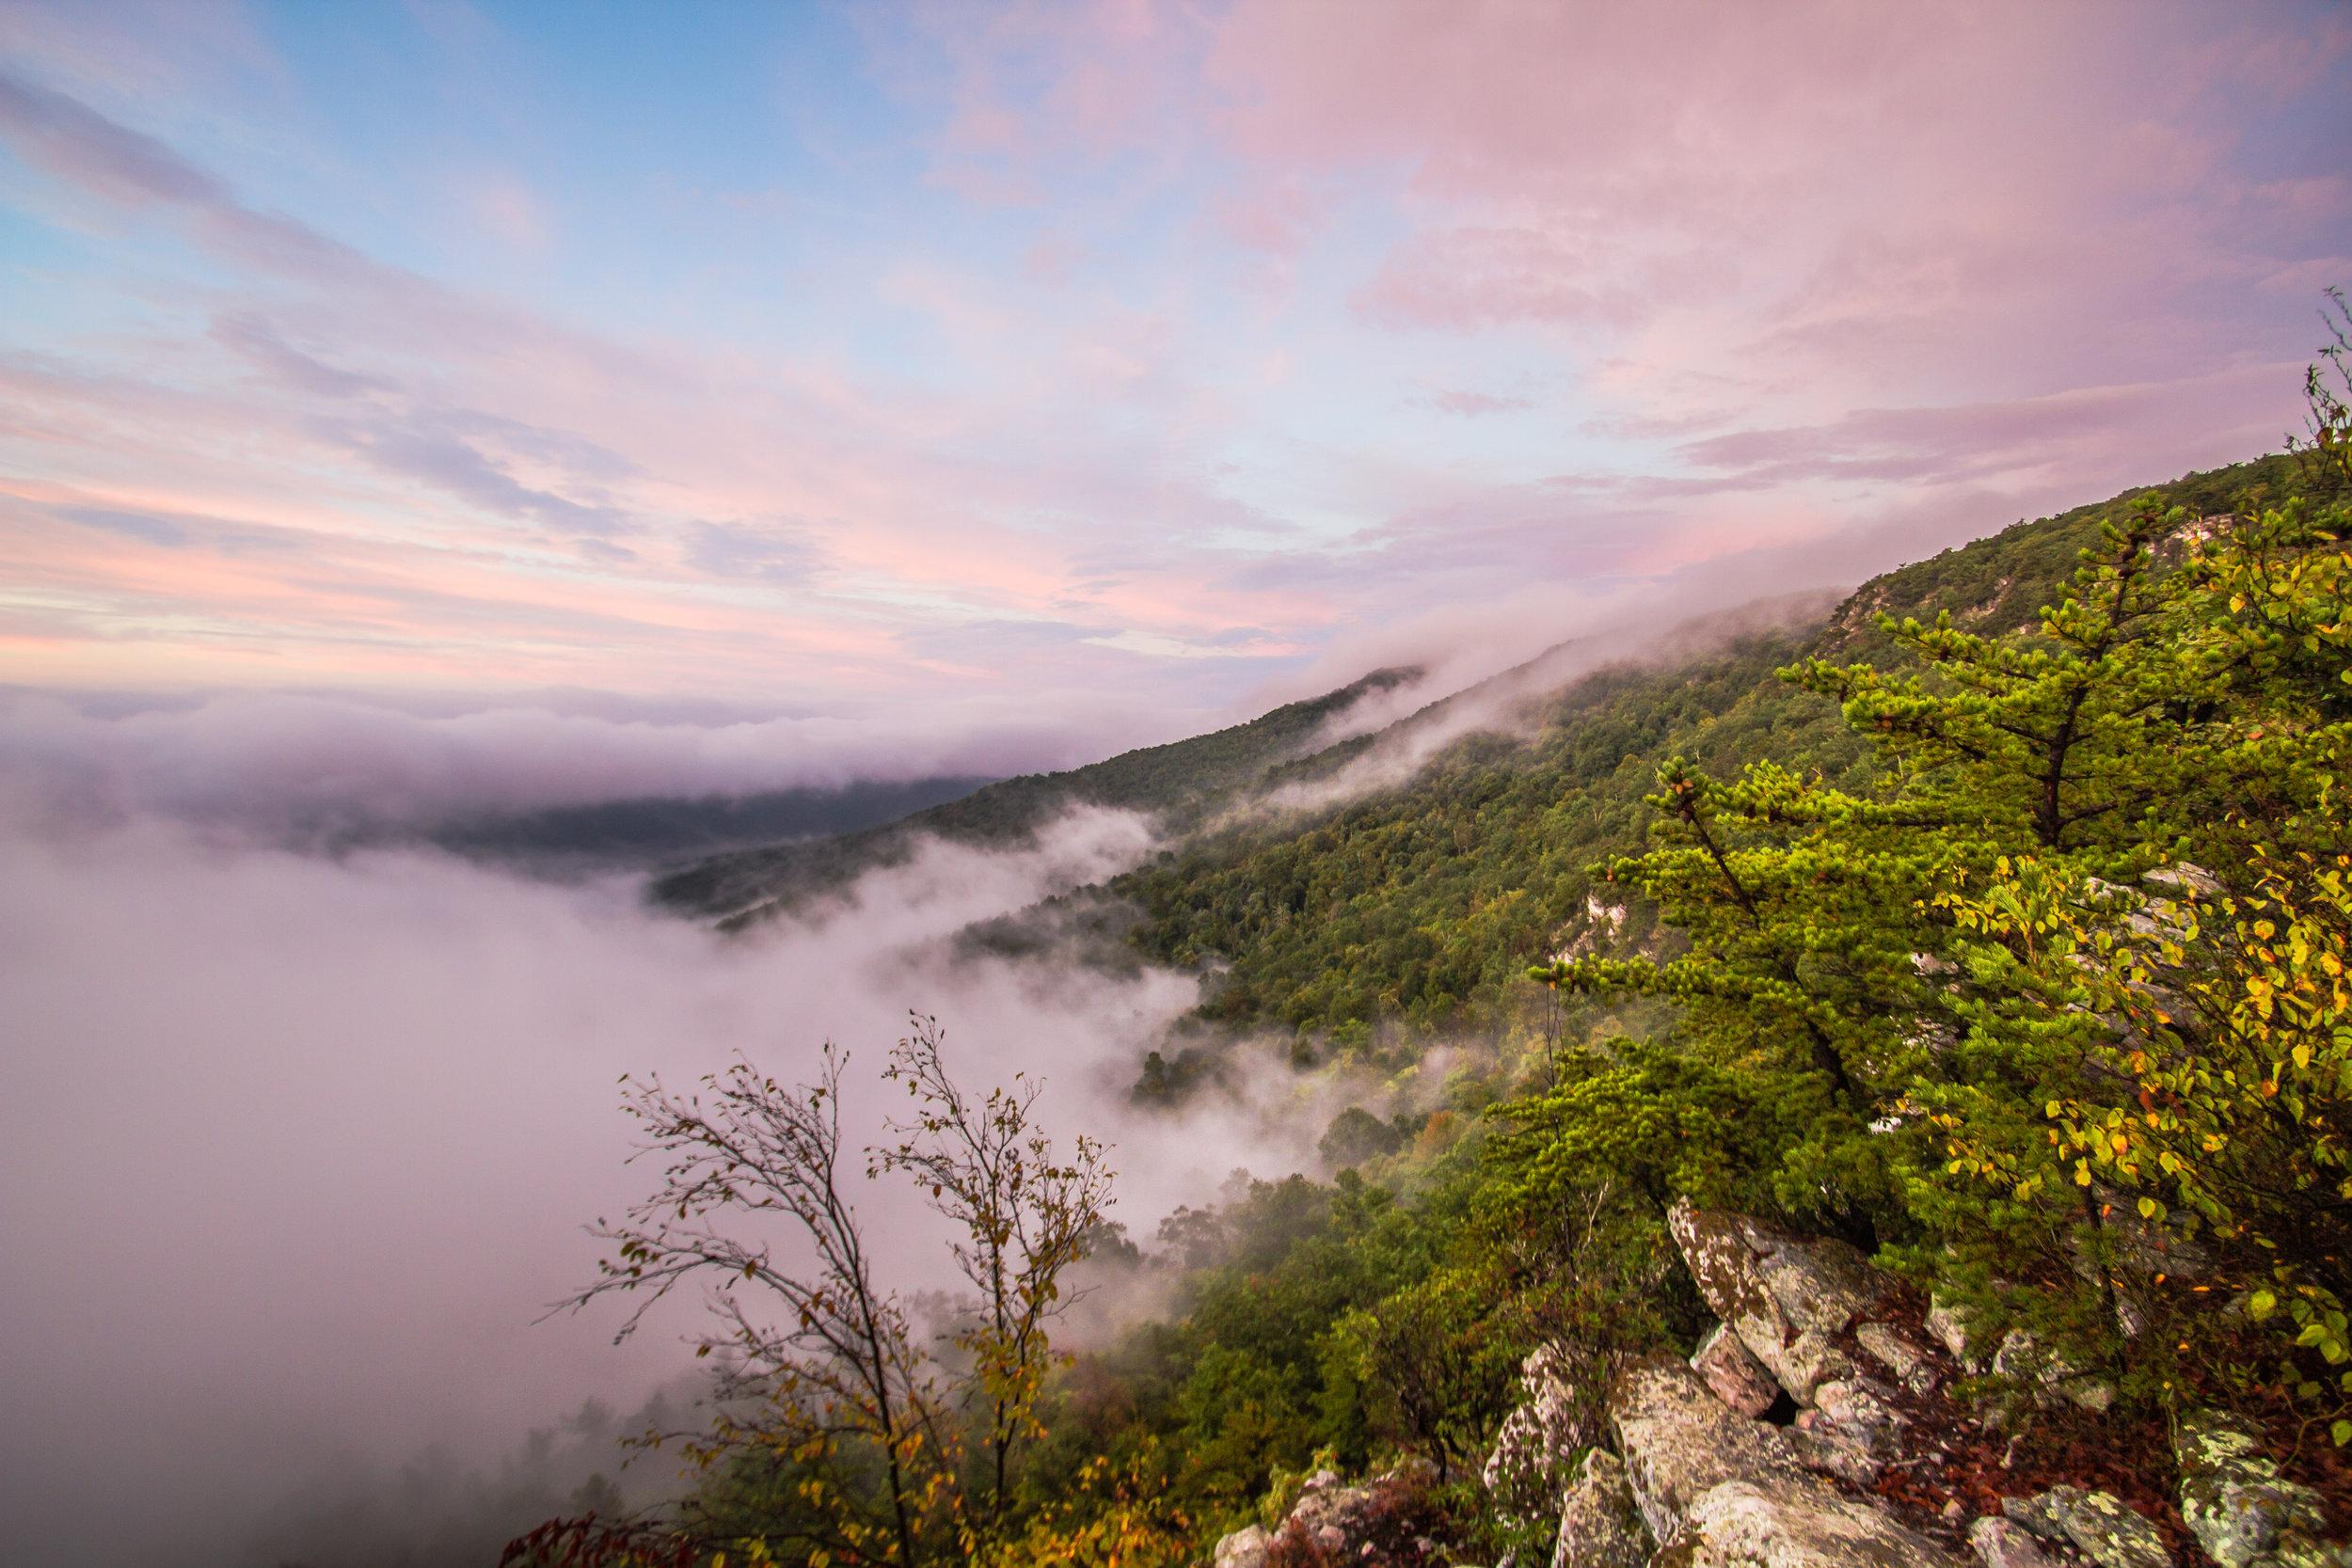 Sunrise at White Rocks, George Washington National Forest